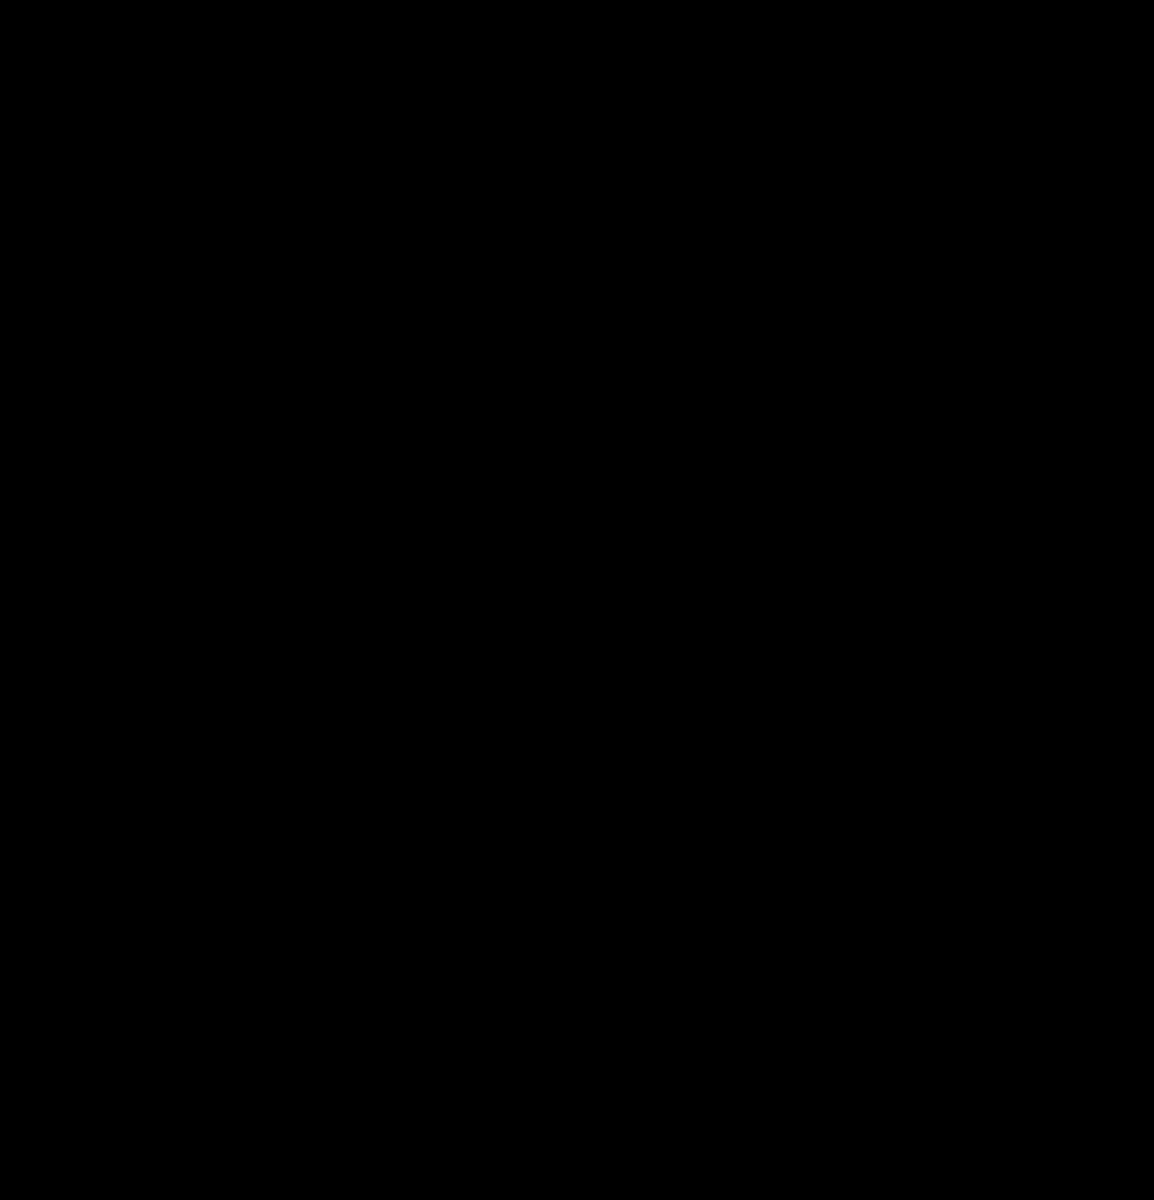 Premio Canguro Matemático 2019